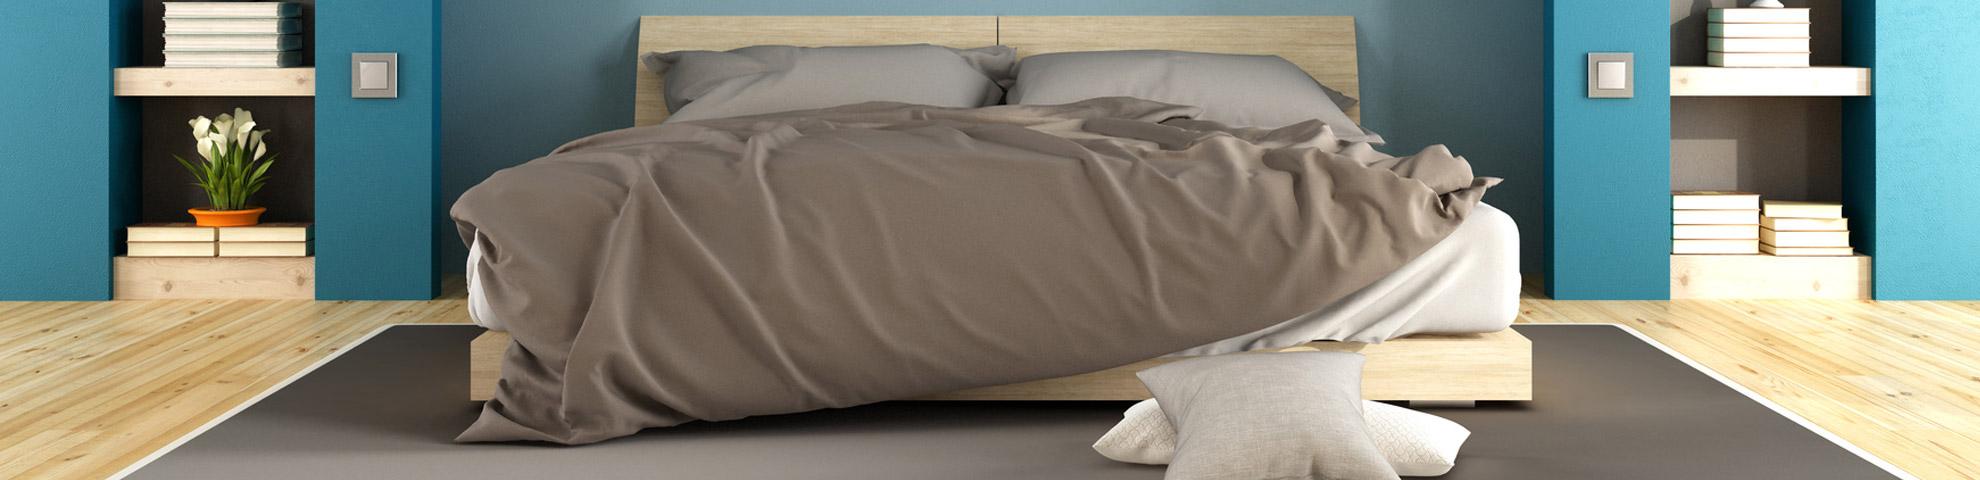 Ein Schlafzimmer mit Bett - Hintergrundbild 1 des Sliders der Seite Referenzen